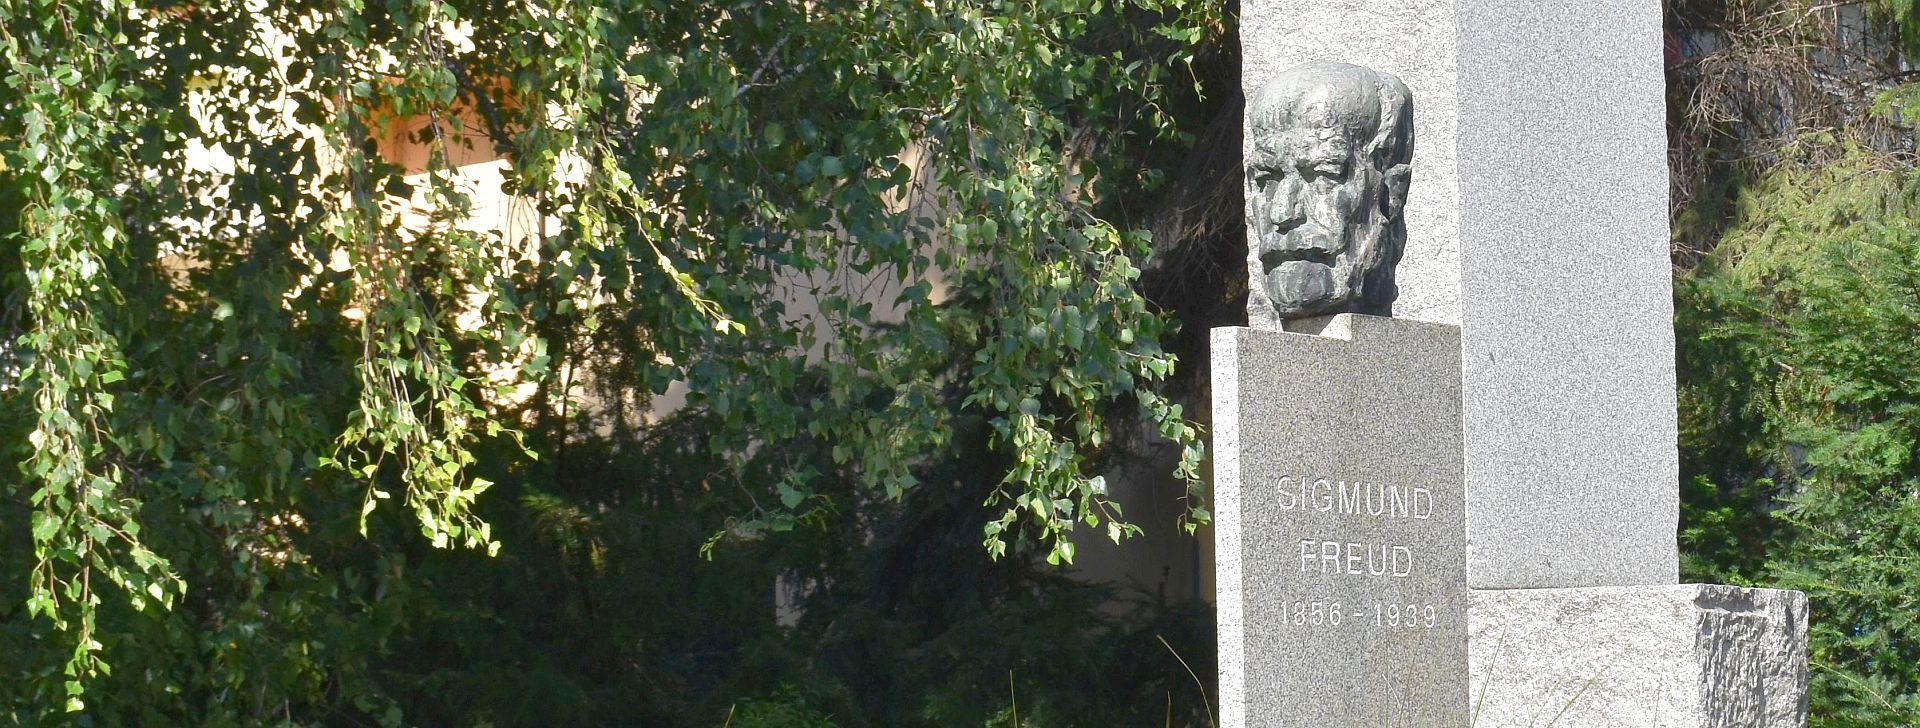 Příbor - rodiště Sigmunda Freuda